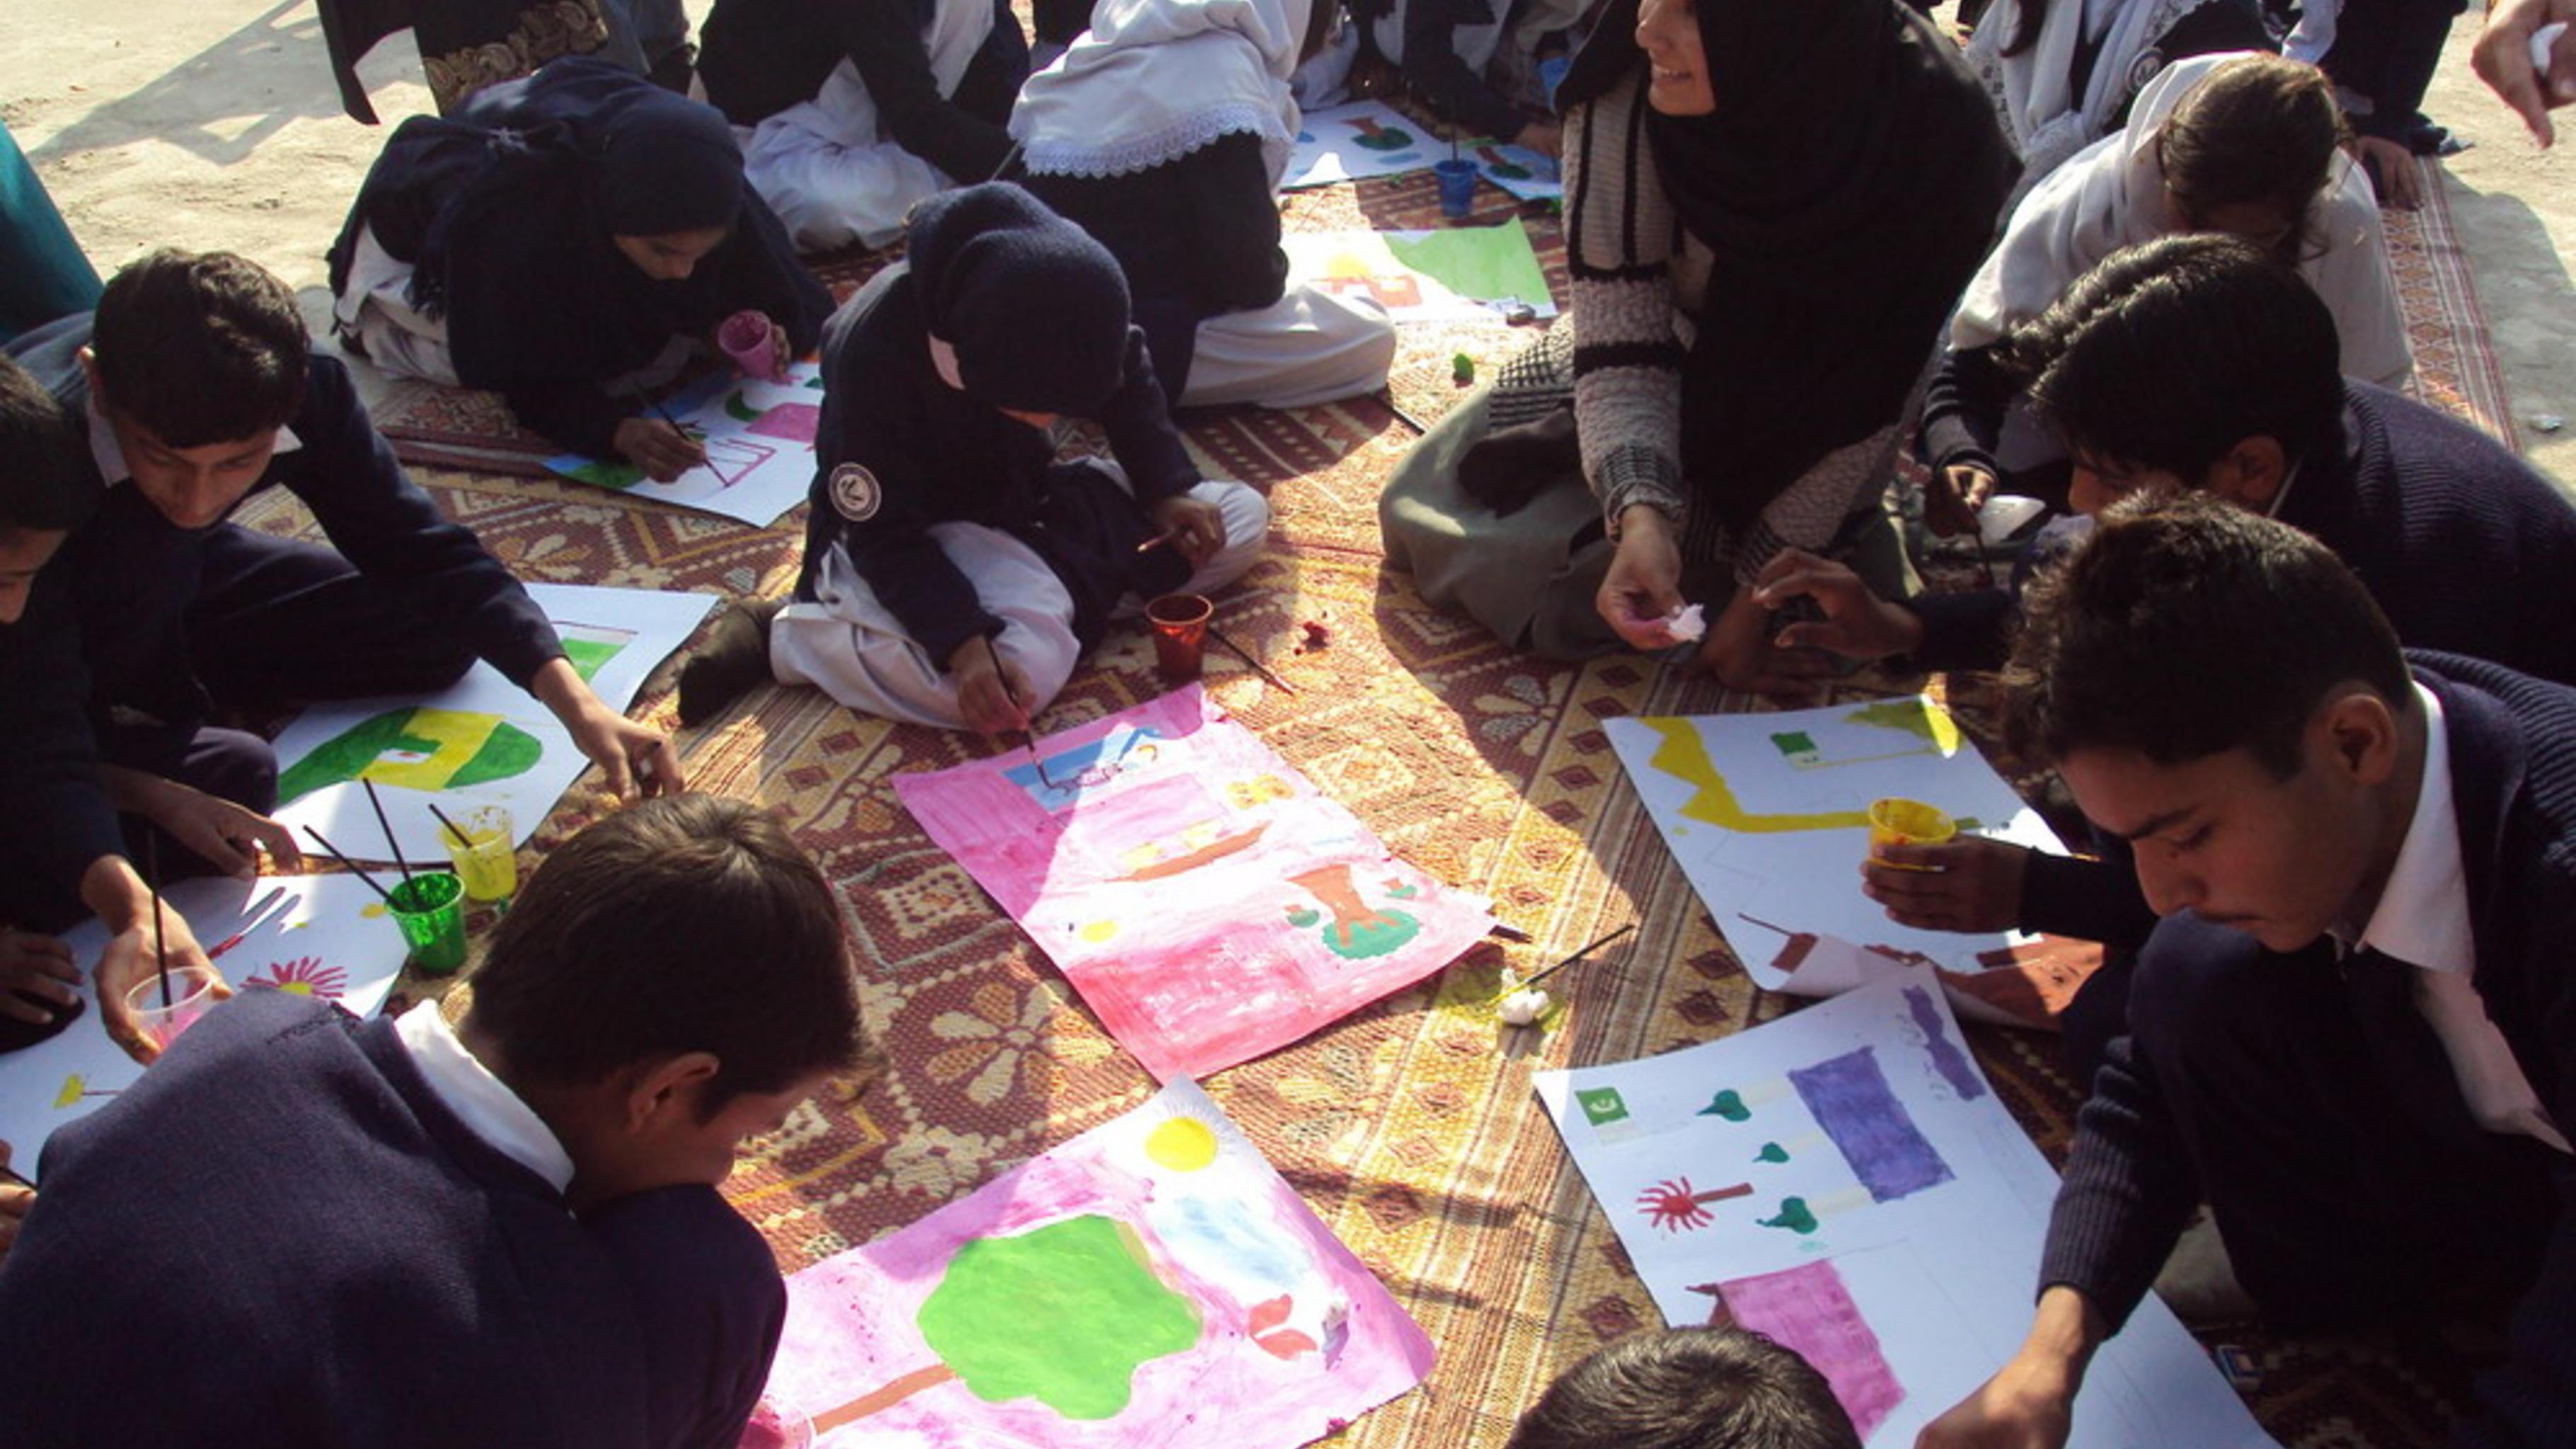 Kreative Methoden wie Zeichnungen fördern den Gedankenaustausch